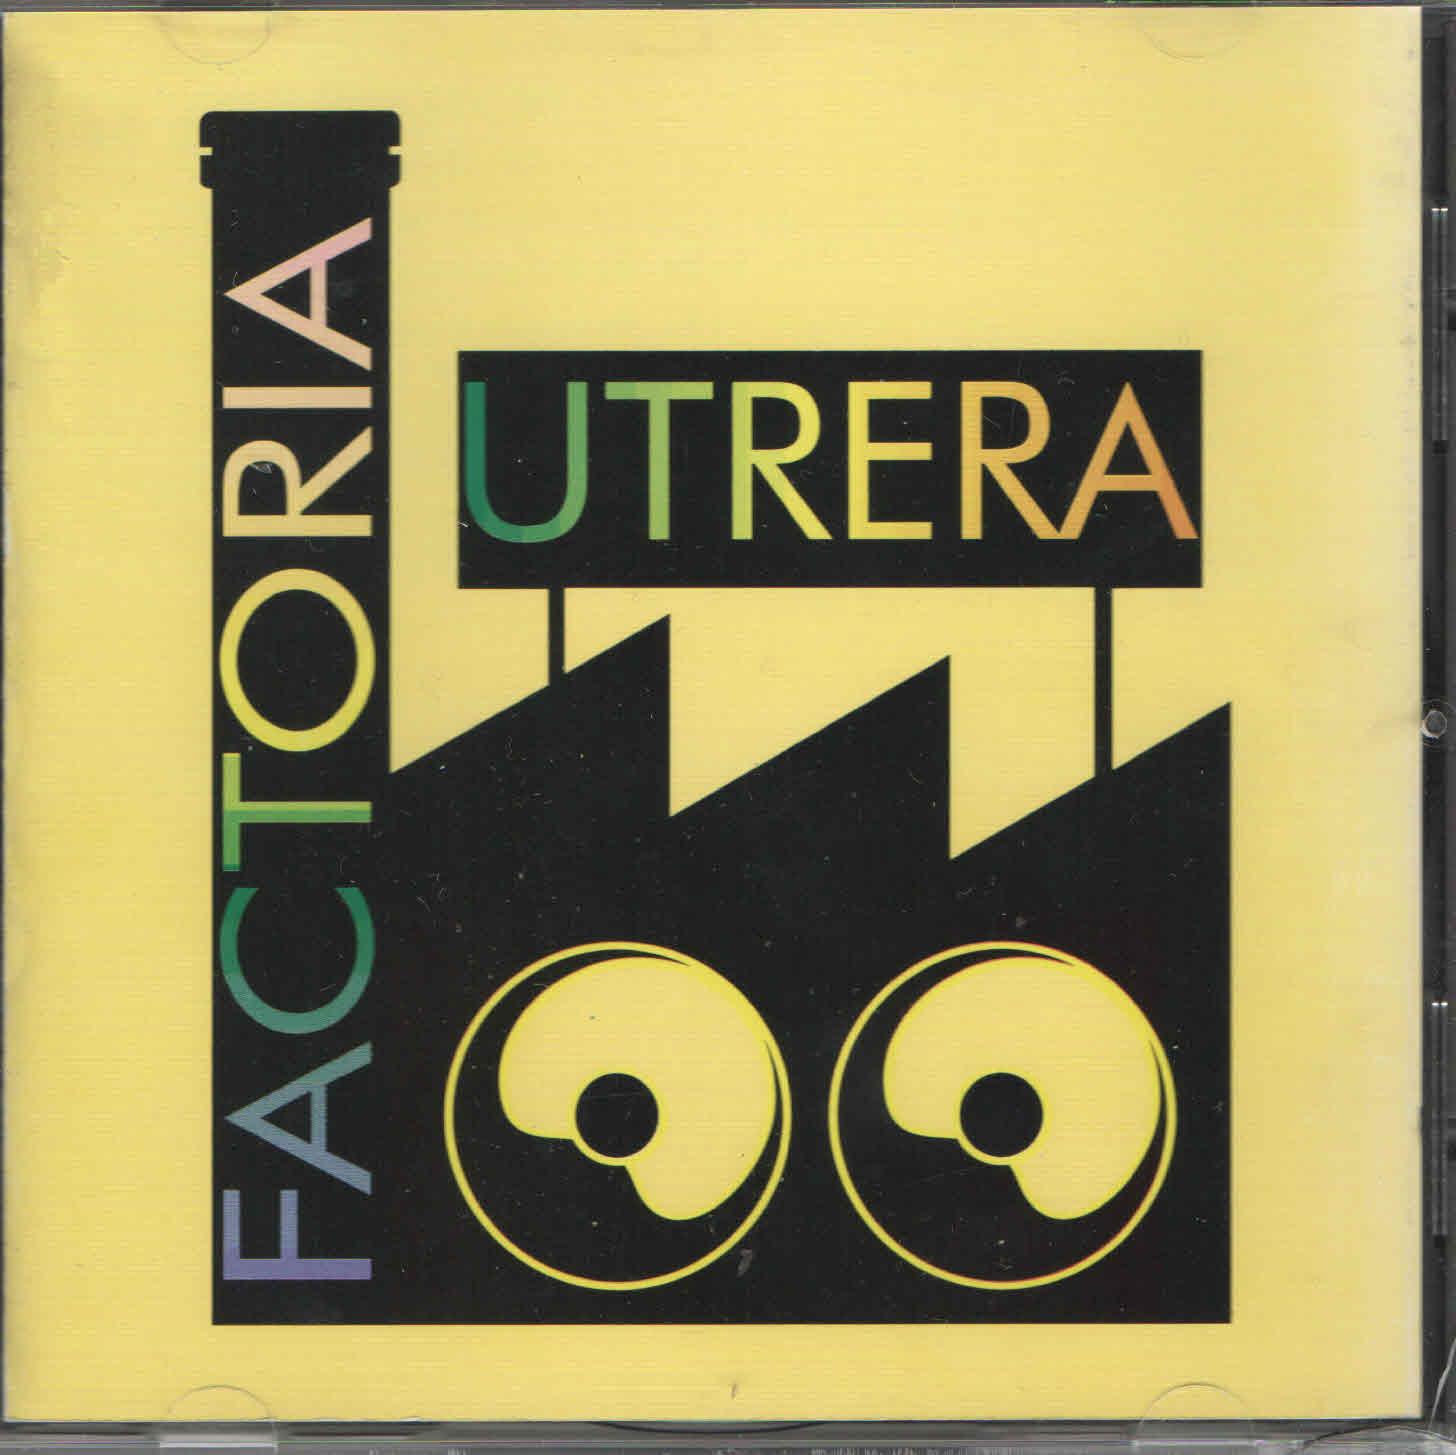 FACTORIA UTRERA